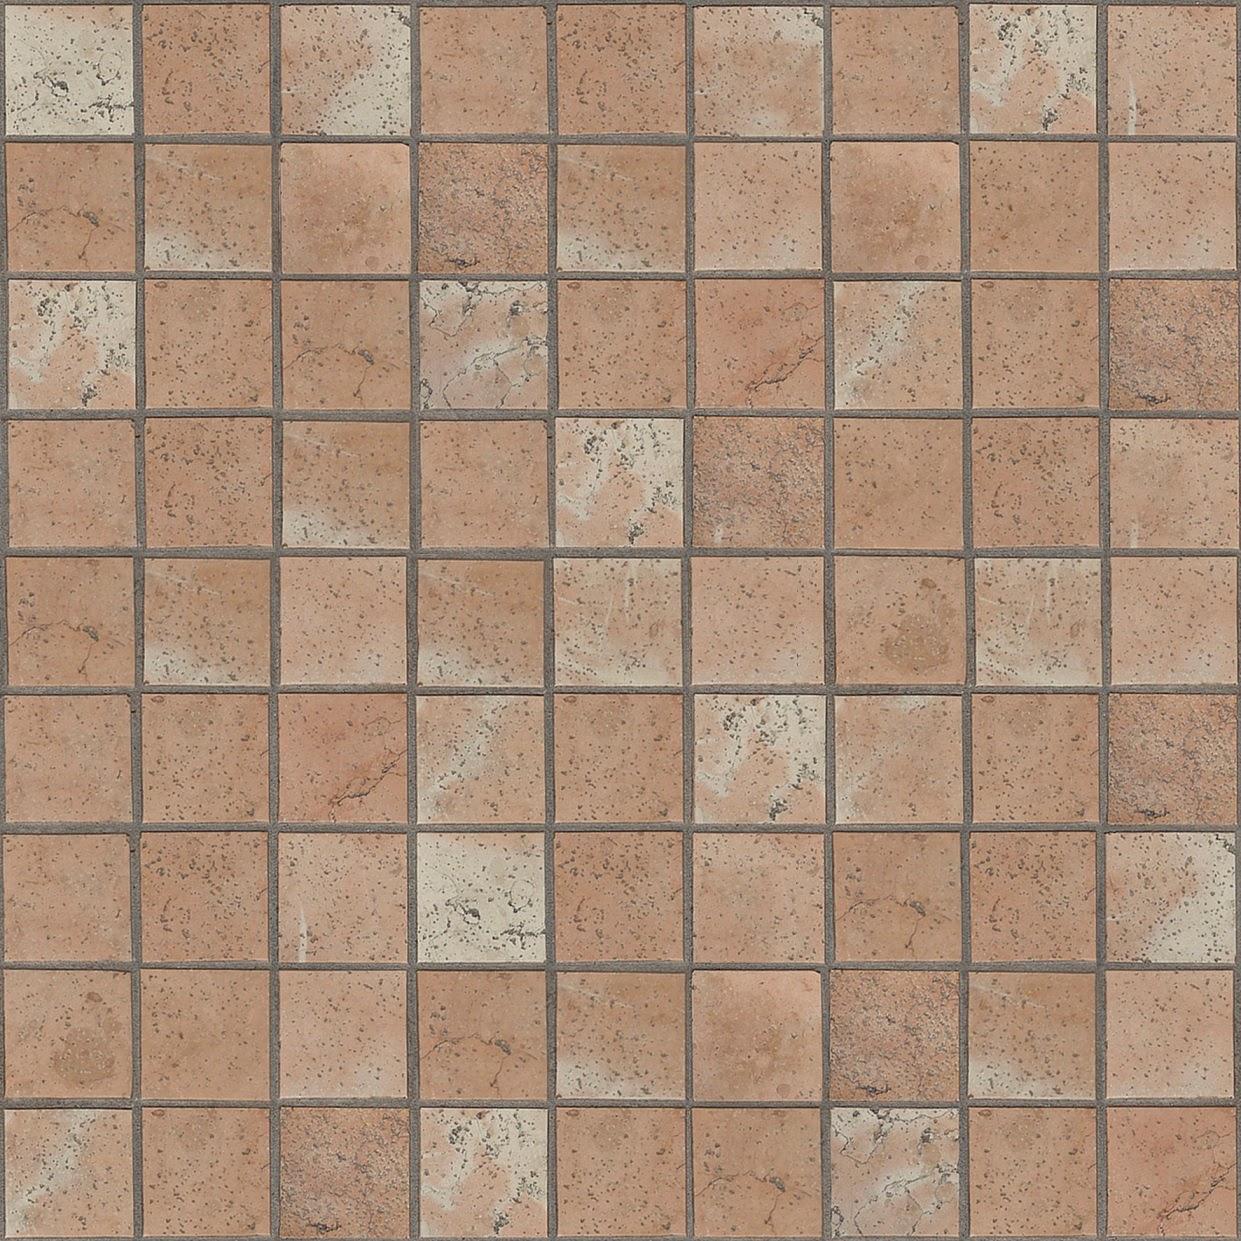 Texture free texture floor for 0 floor